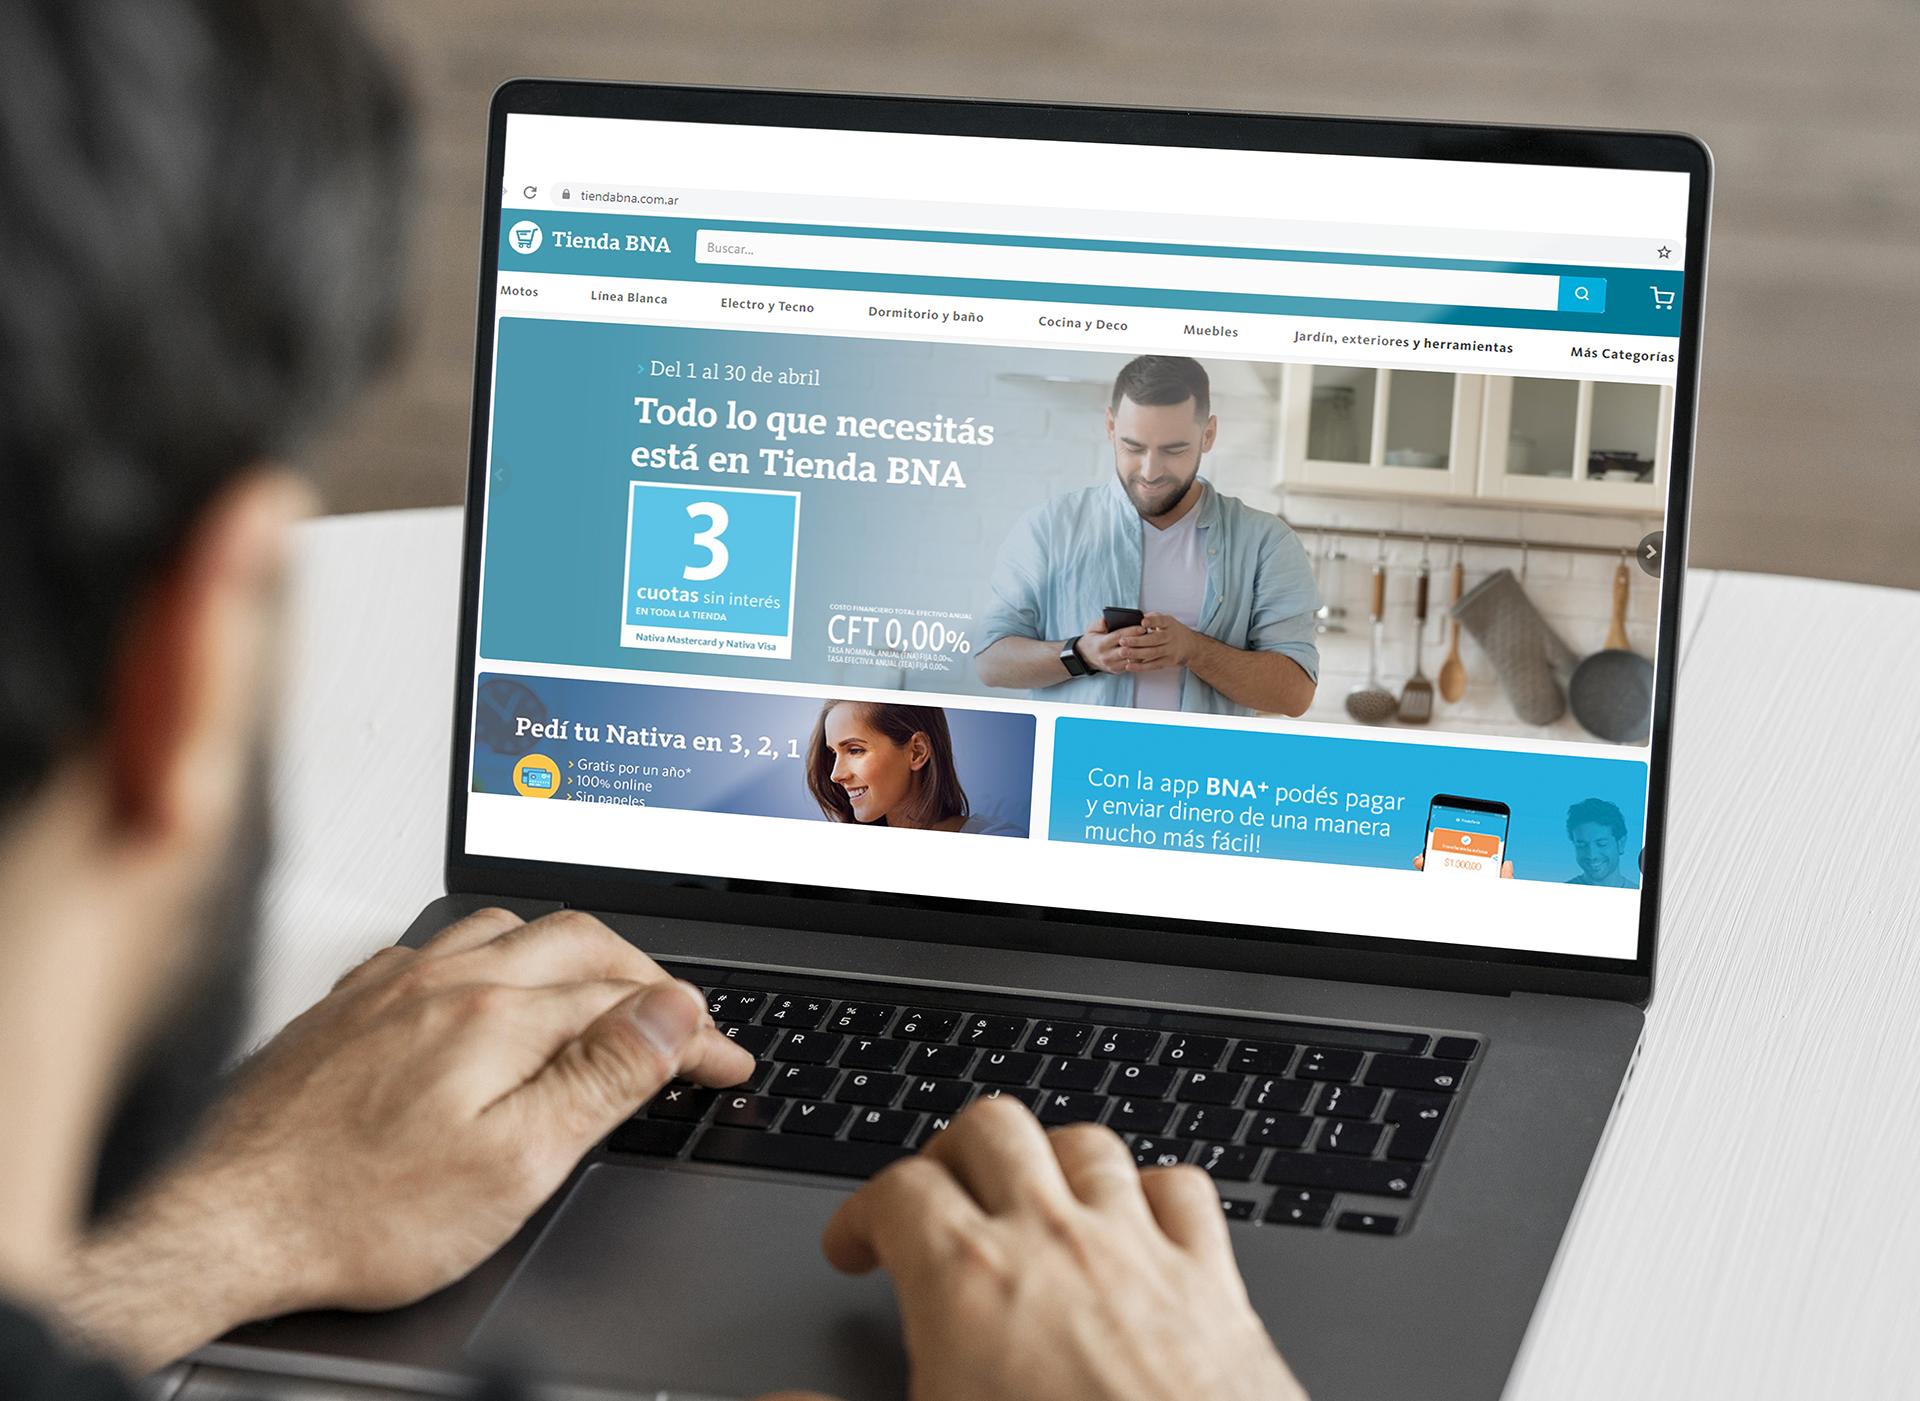 Por alta demanda, Banco Nación extiende hasta 5 de mayo promoción de compra en cuotas de TV y audio